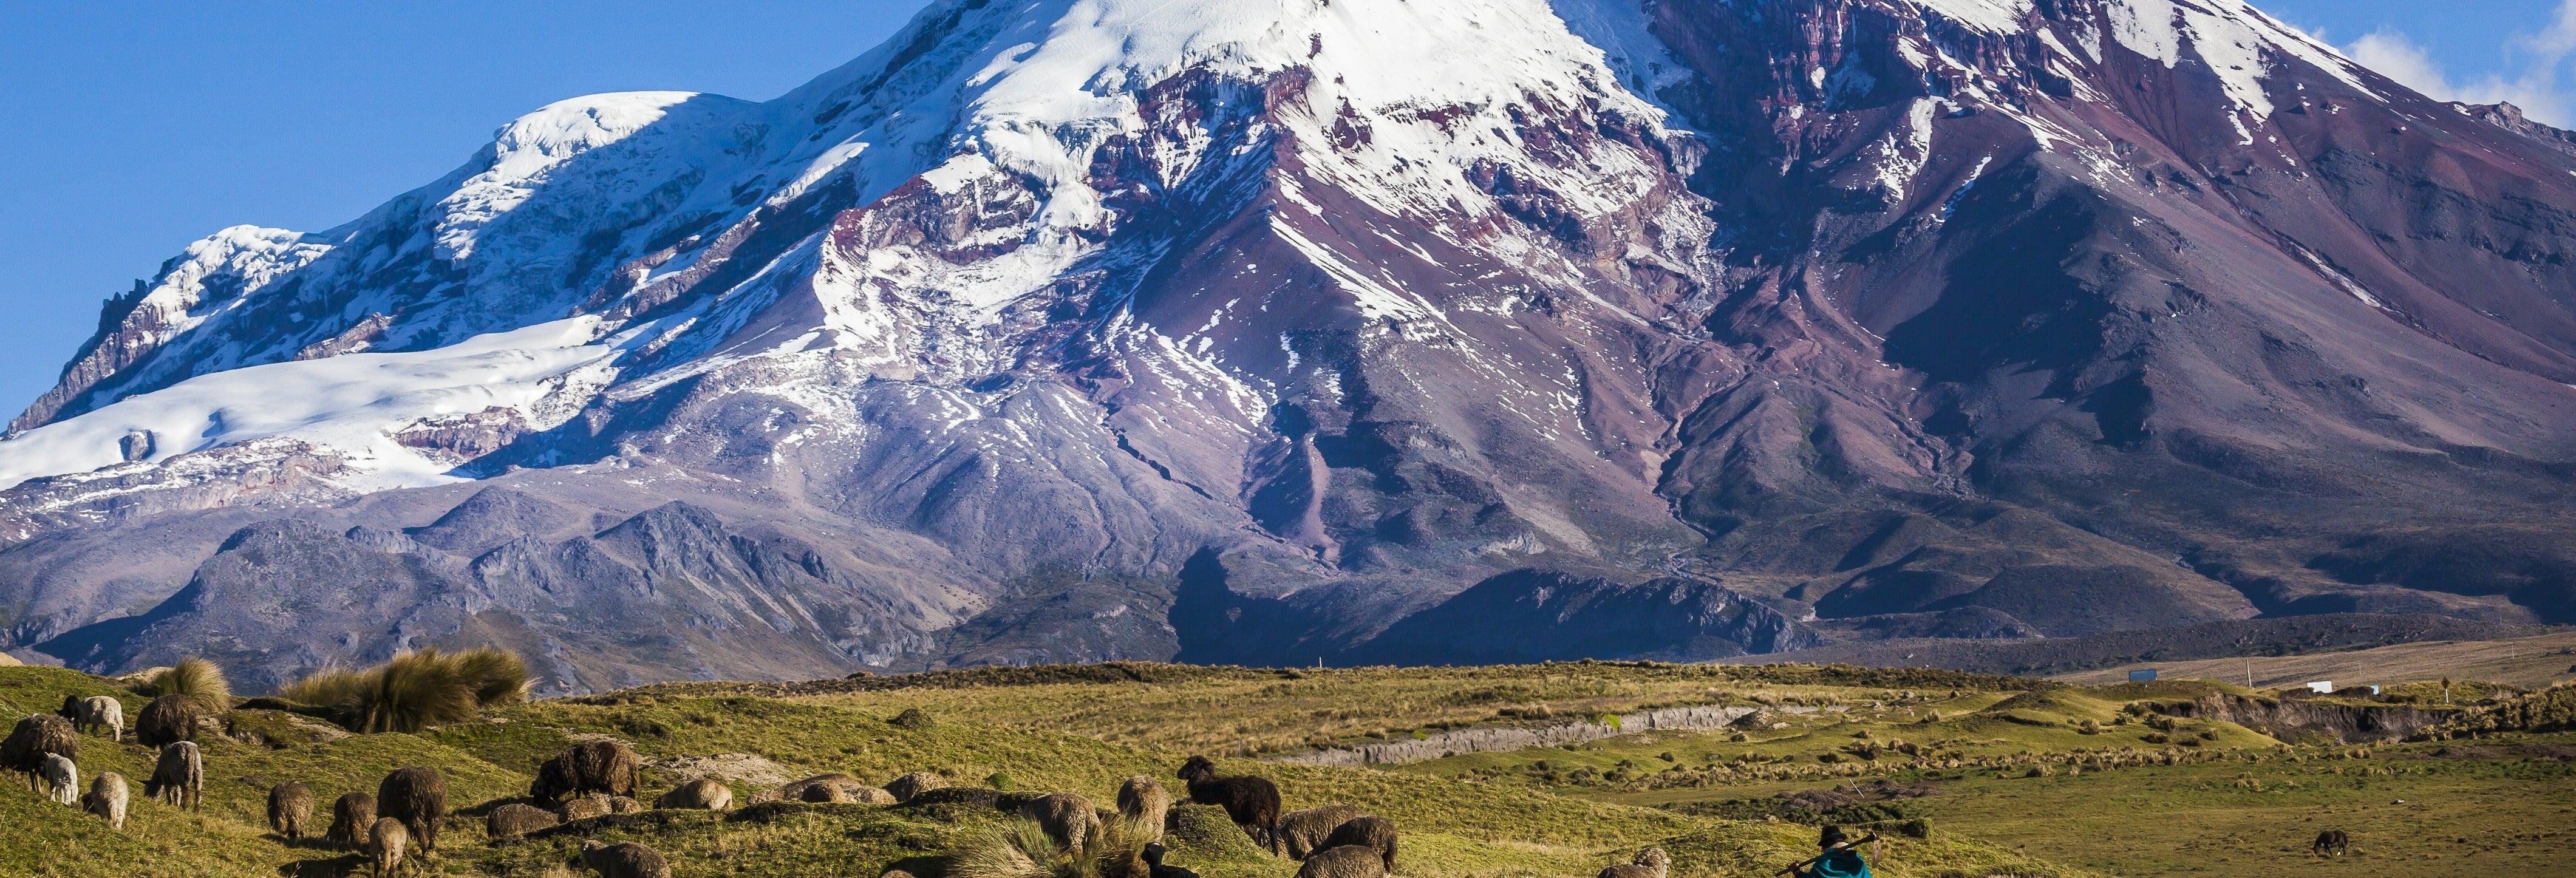 Escursione al Vulcano Chimborazo